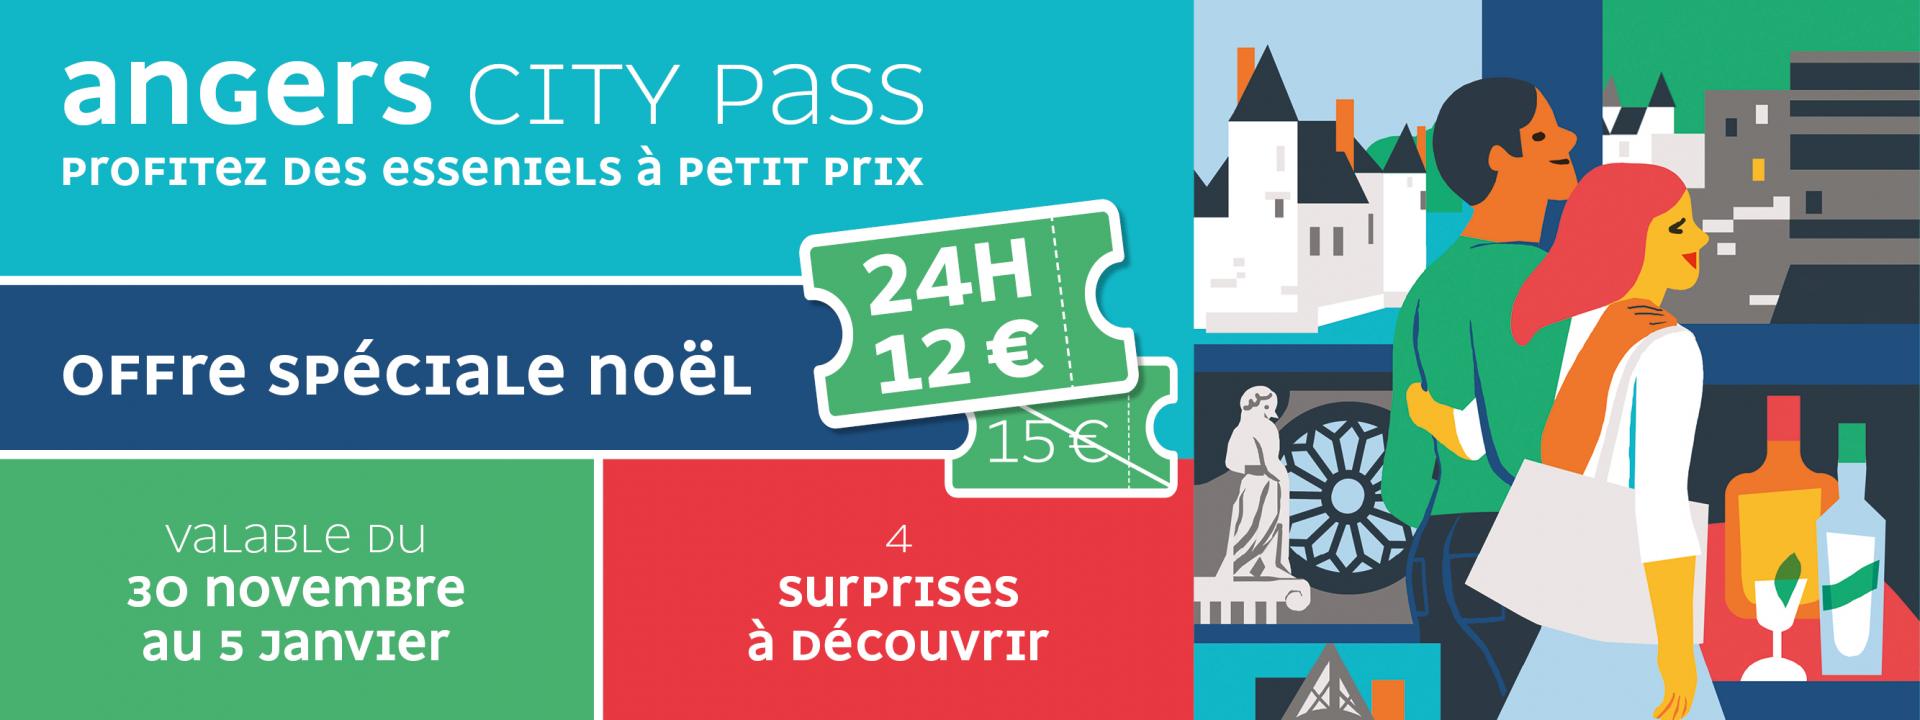 Promotion Angers City Pass de Noël